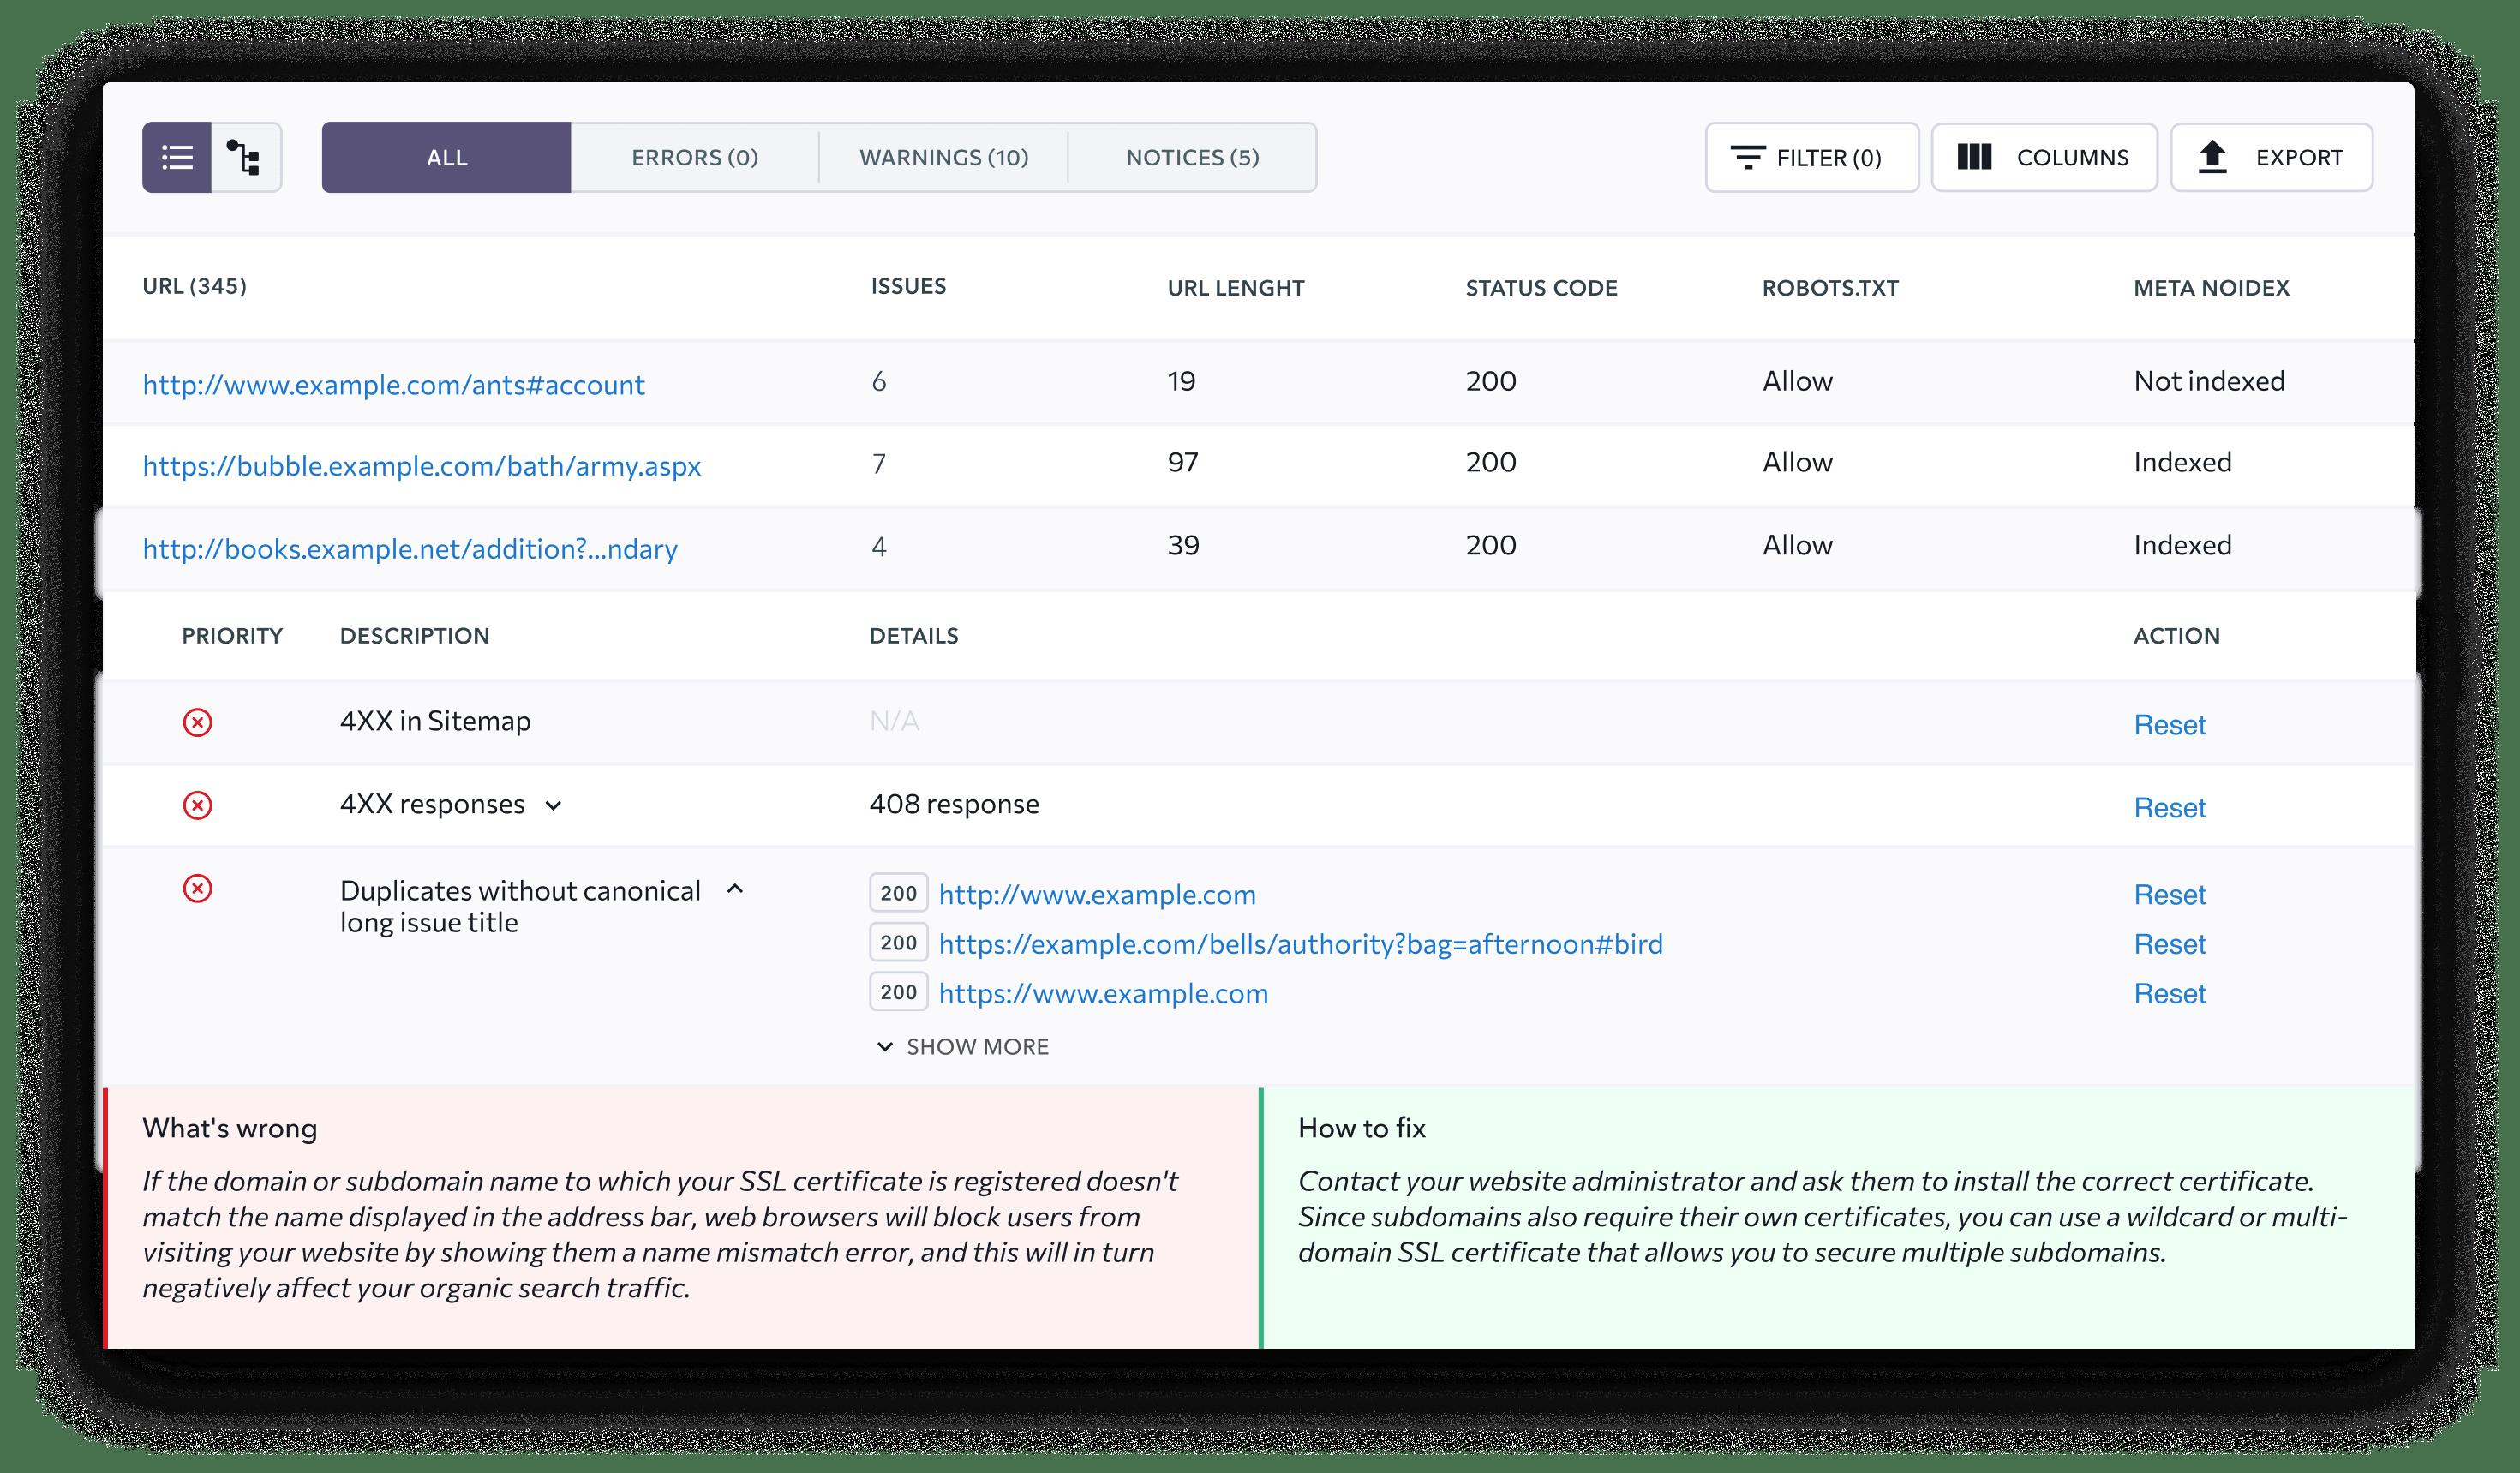 Tutte le principali metriche per ogni singola pagina, link o risorsa